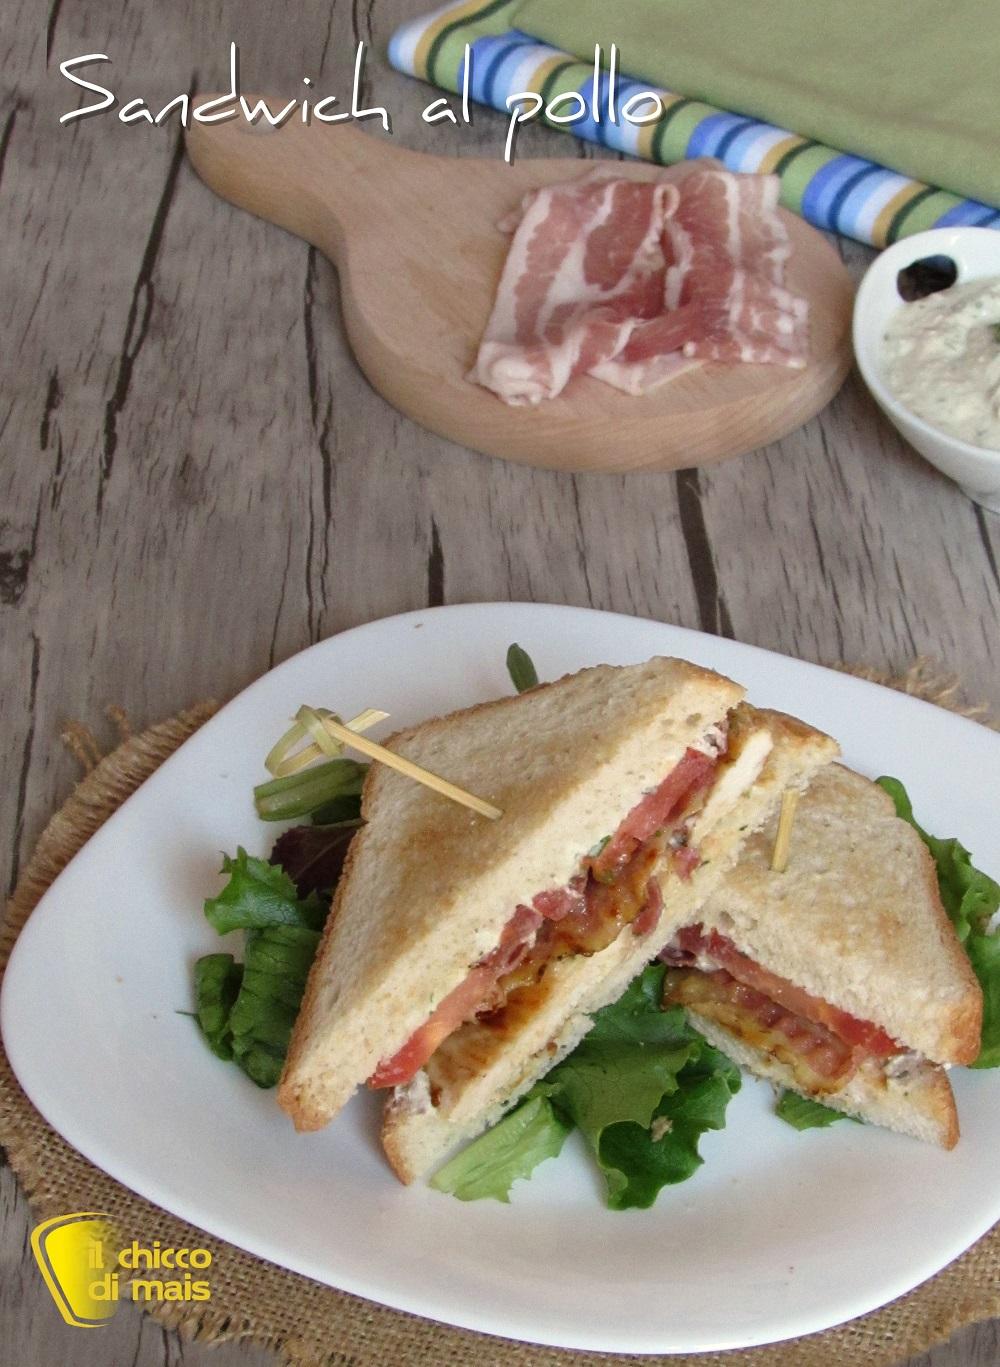 verticale_sandwich al pollo con bacon e crema di feta ricetta il chicco di mais